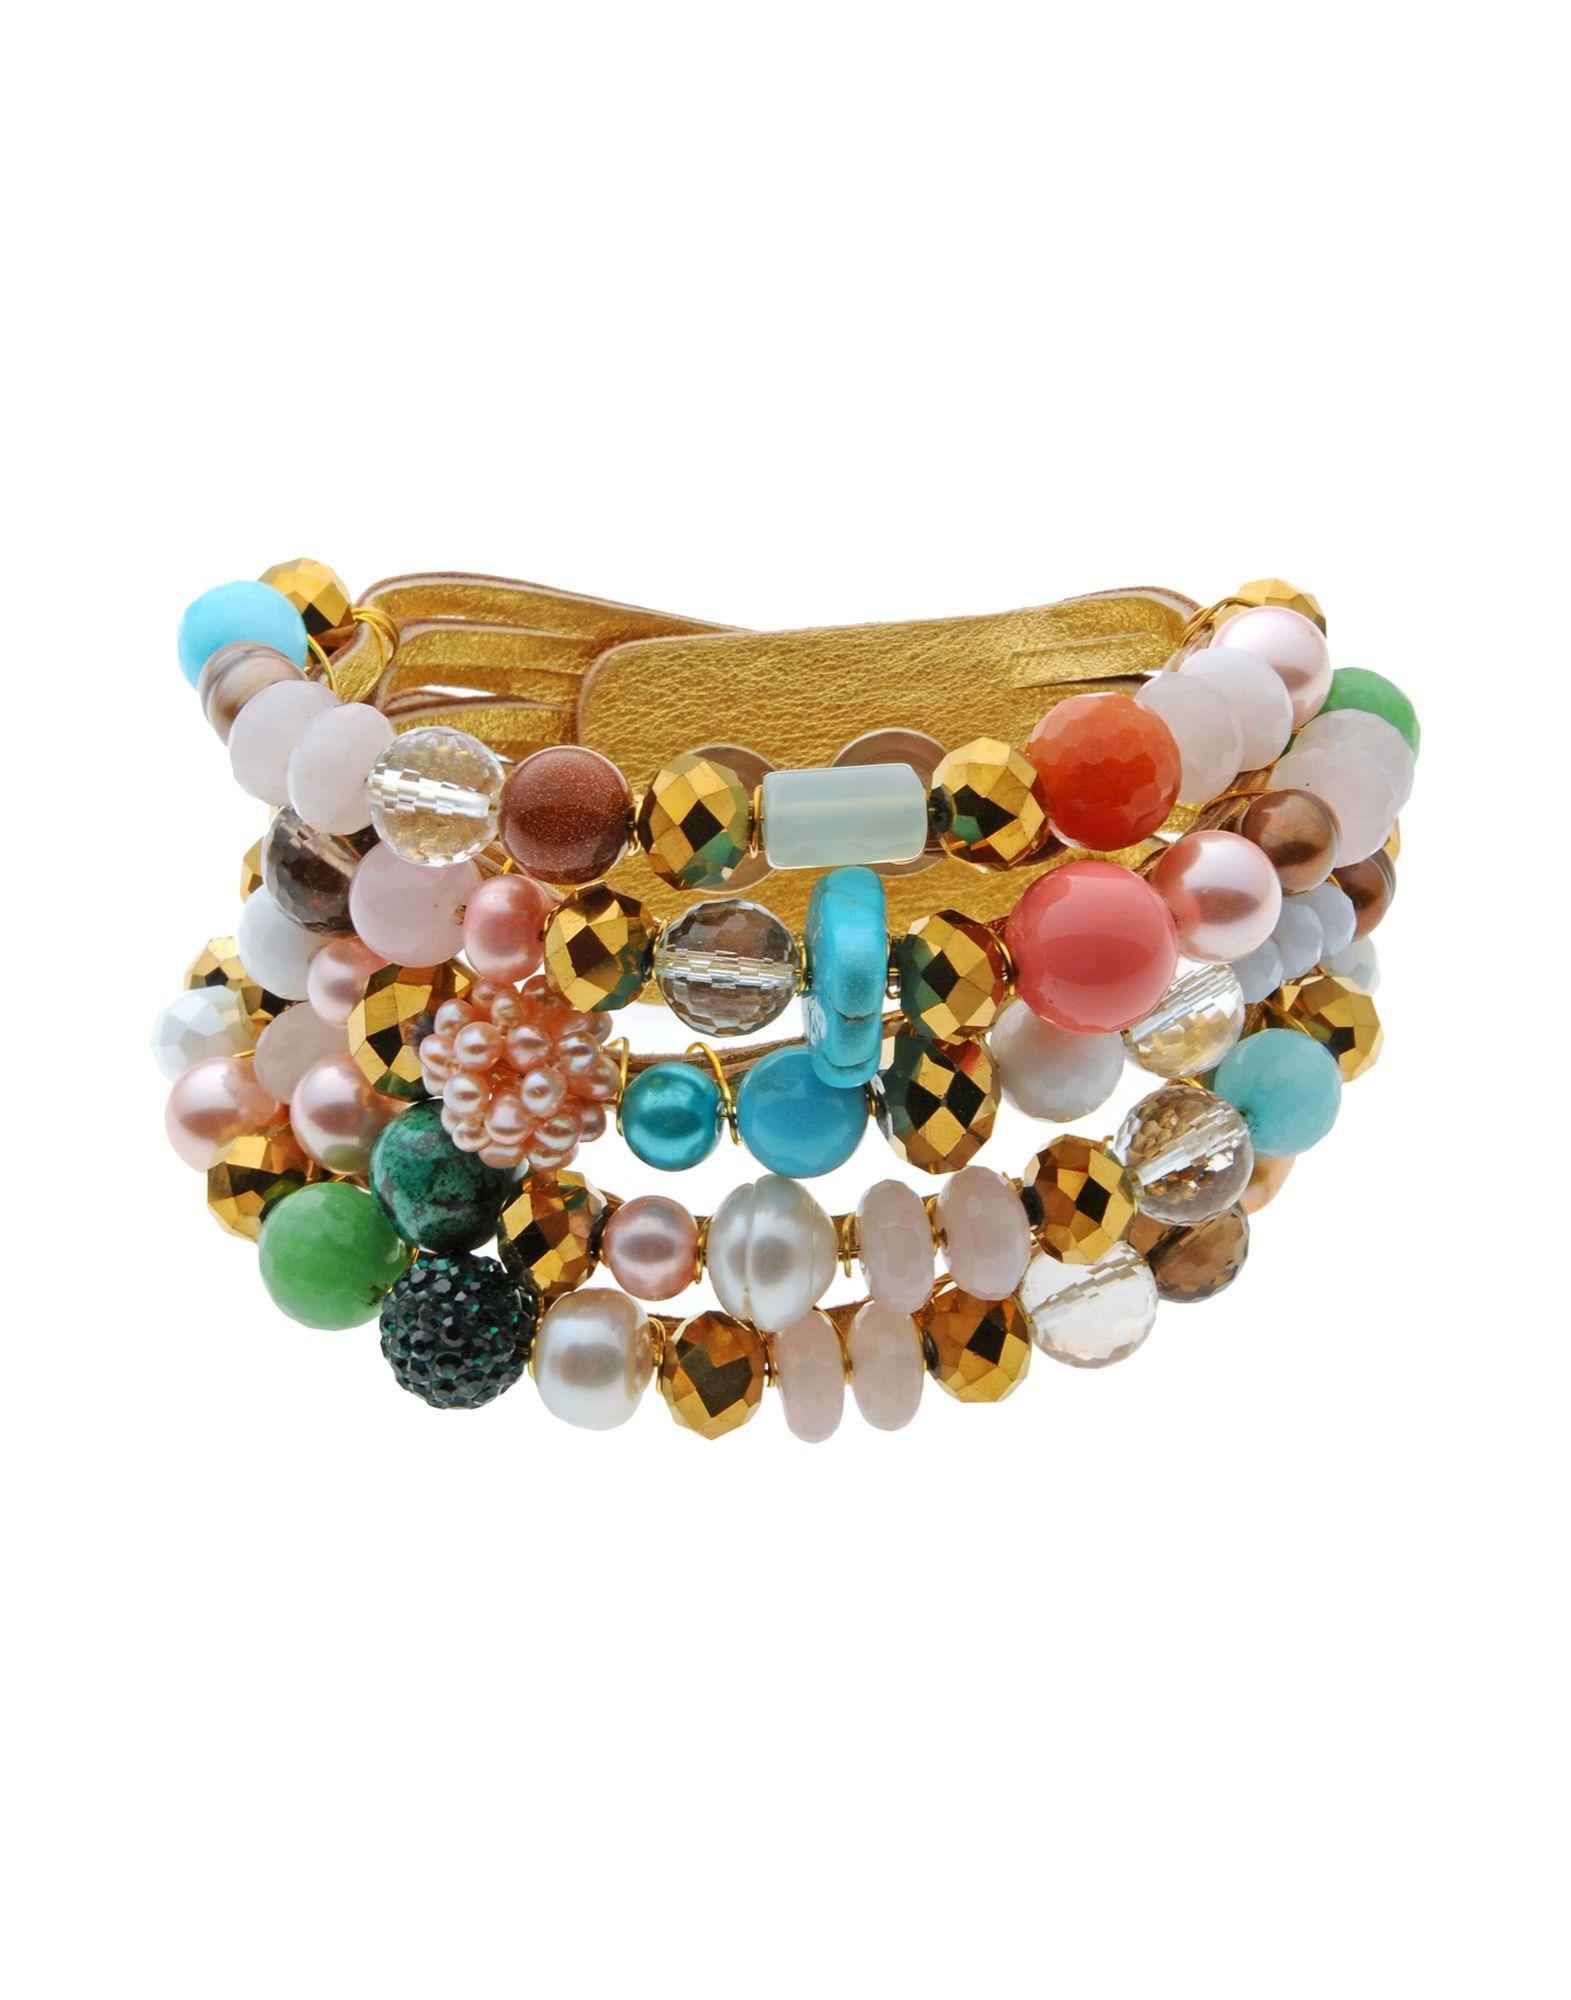 《送料無料》FIRST PEOPLE FIRST レディース ブレスレット ゴールド 革 happy chic bracelet